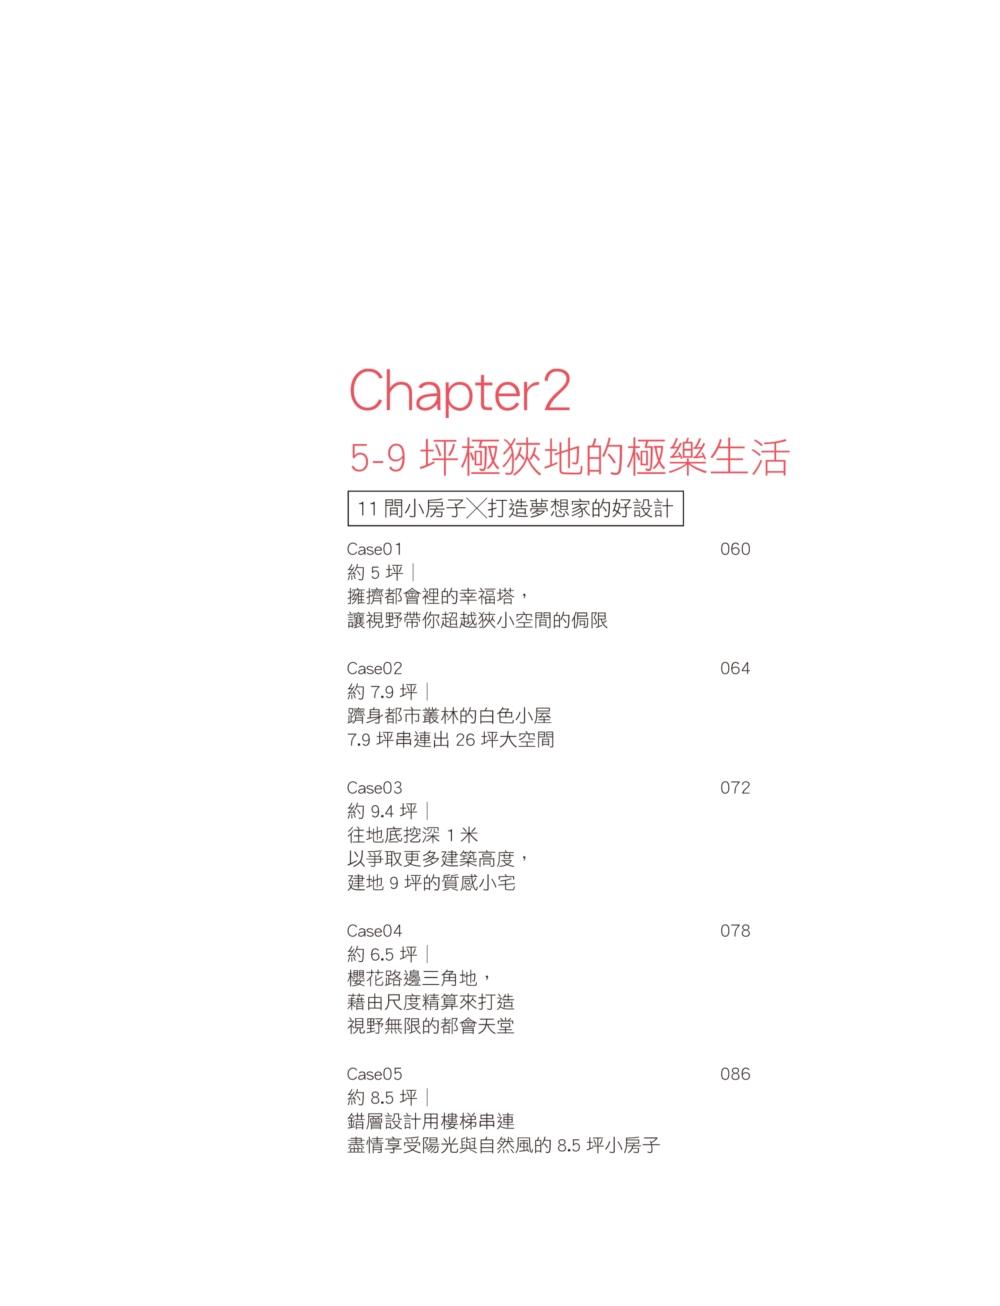 //im1.book.com.tw/image/getImage?i=http://www.books.com.tw/img/001/069/86/0010698618_bi_02.jpg&v=5666cd90&w=655&h=609